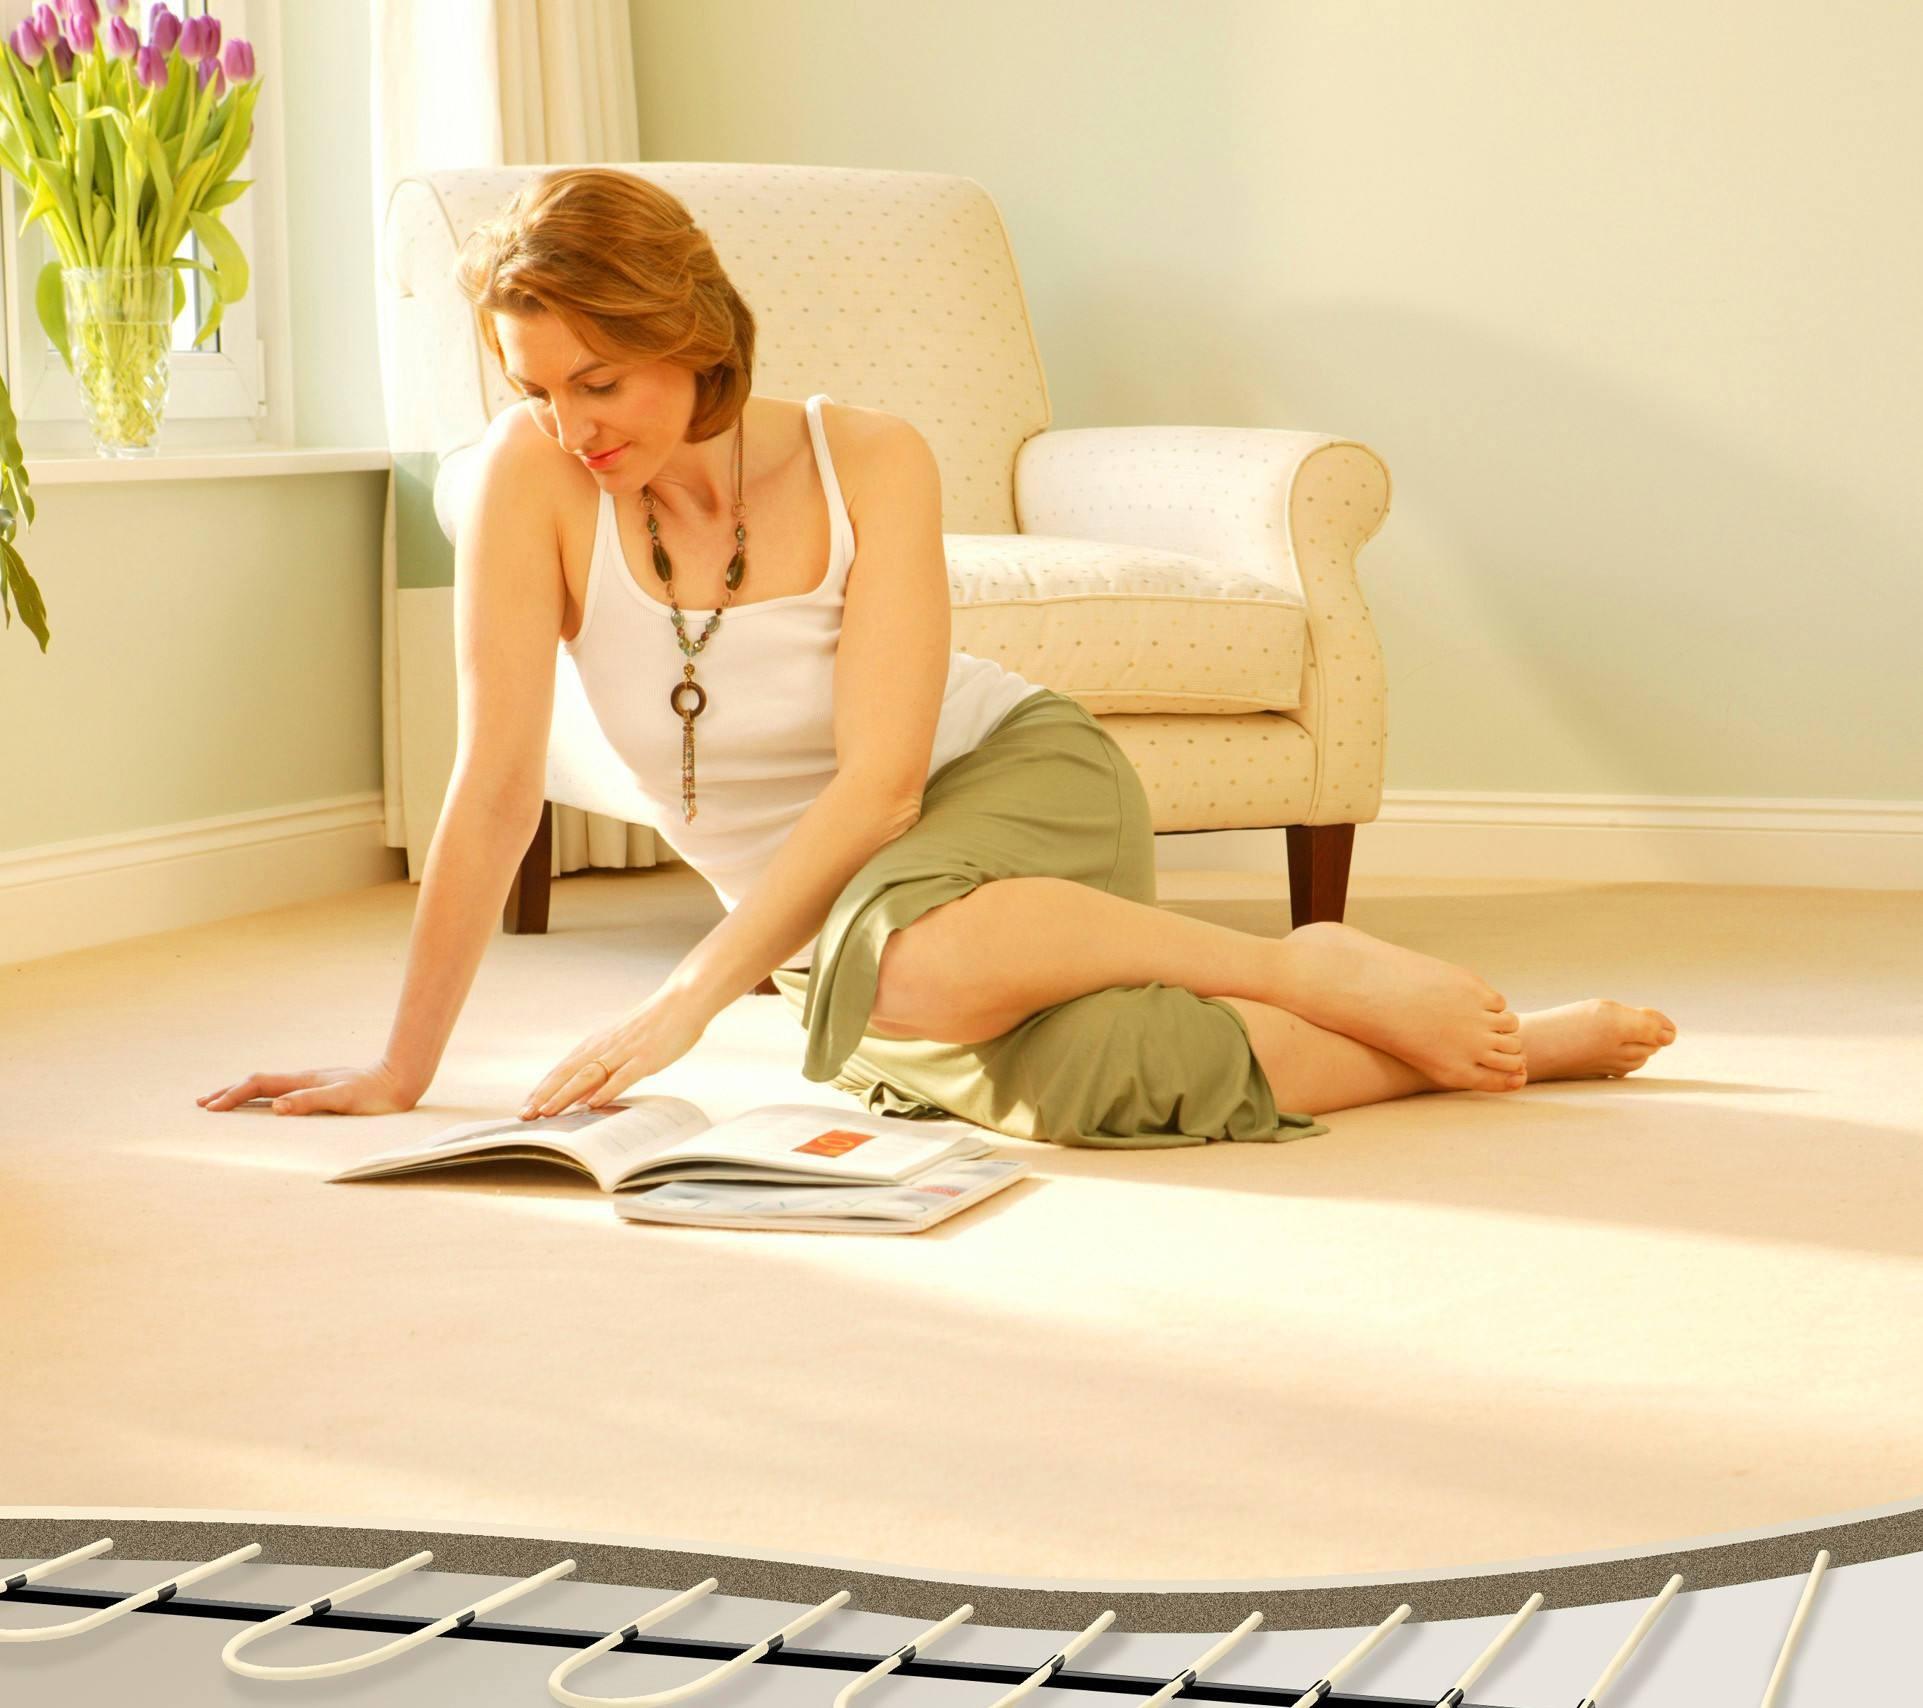 楼房有地暖吗—楼房地暖的安装方法和注意事项